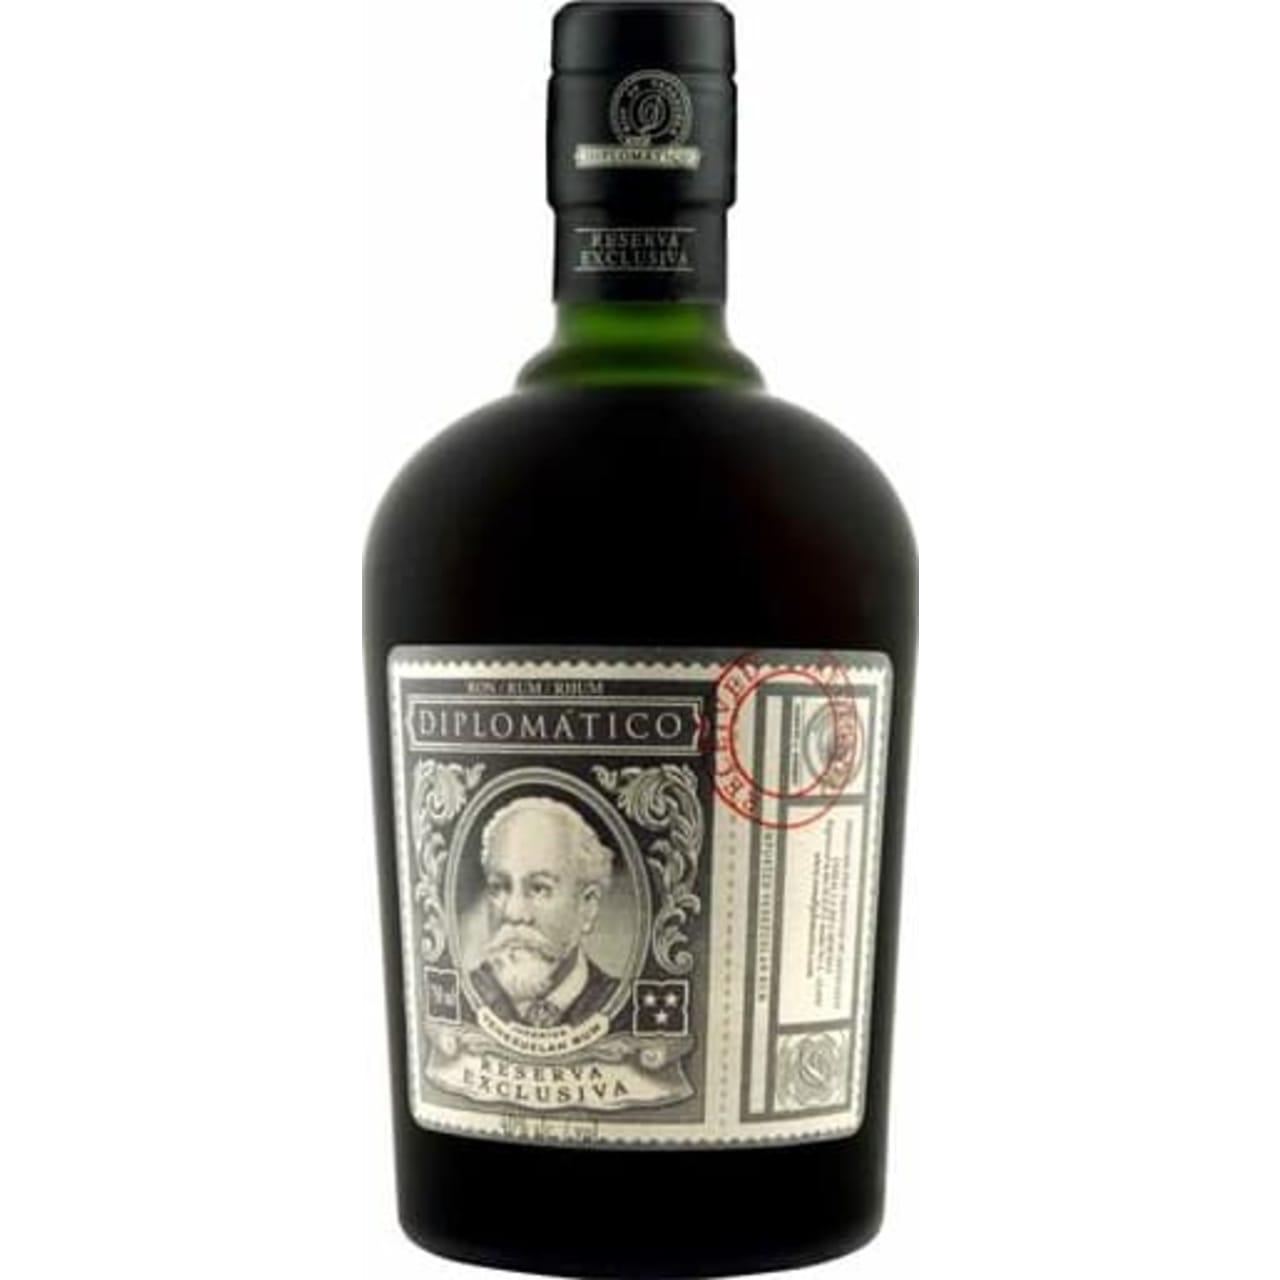 Product Image - Diplomatico Reserva Exclusiva Dark Rum